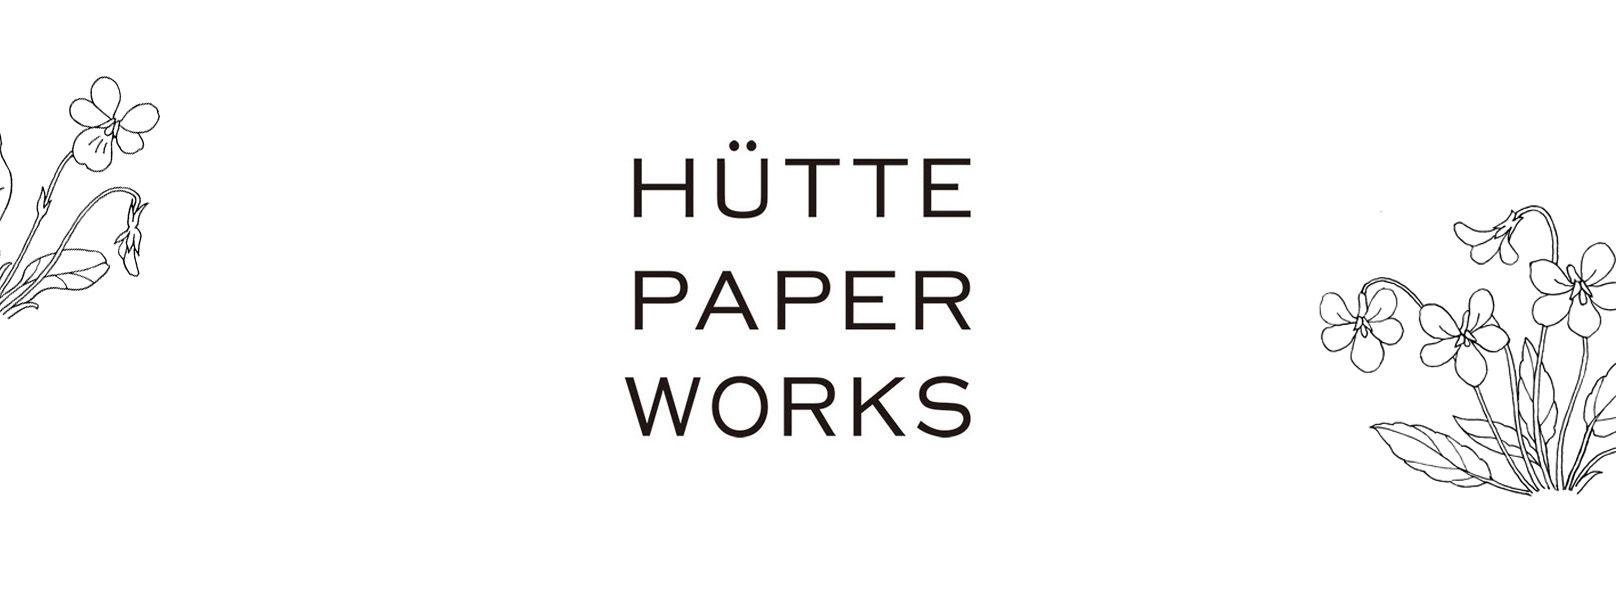 Hütte paper works